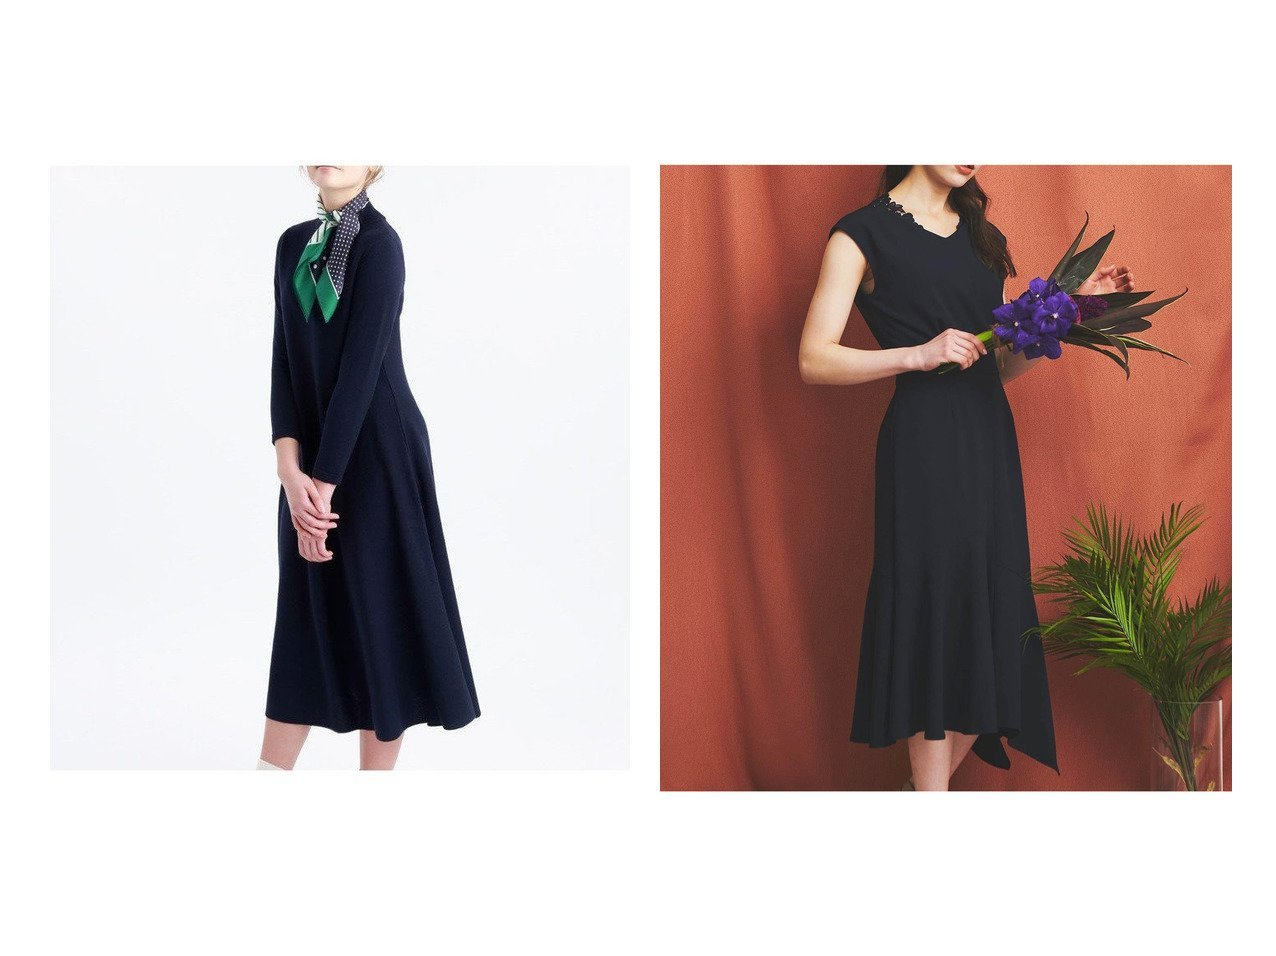 【Noela/ノエラ】のアシメヘムワンピース&【MACKINTOSH PHILOSOPHY/マッキントッシュ フィロソフィー】のボトルネックワンピース ワンピース・ドレスのおすすめ!人気、レディースファッションの通販  おすすめで人気のファッション通販商品 インテリア・家具・キッズファッション・メンズファッション・レディースファッション・服の通販 founy(ファニー) https://founy.com/ ファッション Fashion レディース WOMEN ワンピース Dress ボトルネック シンプル マーメイド  ID:crp329100000003349